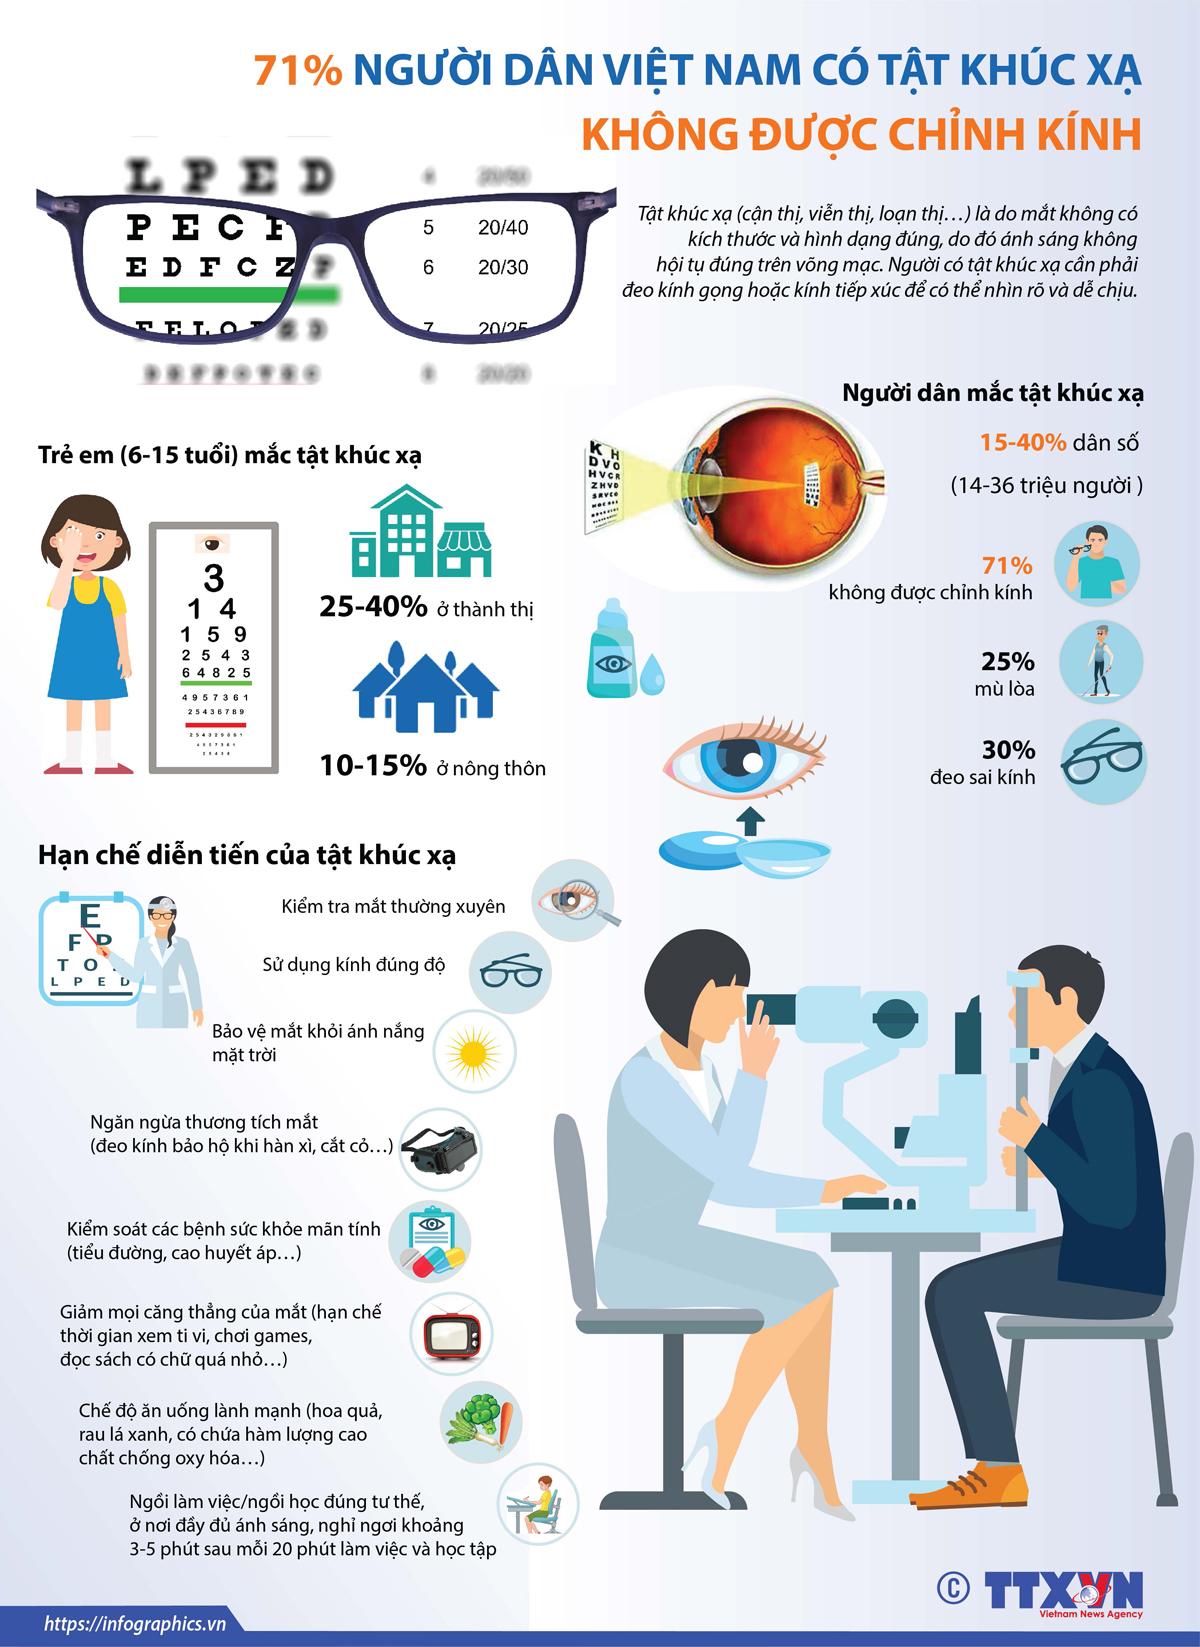 y tế - cộng đồng, tật khúc xạ, chỉnh kính mắt, thị lực